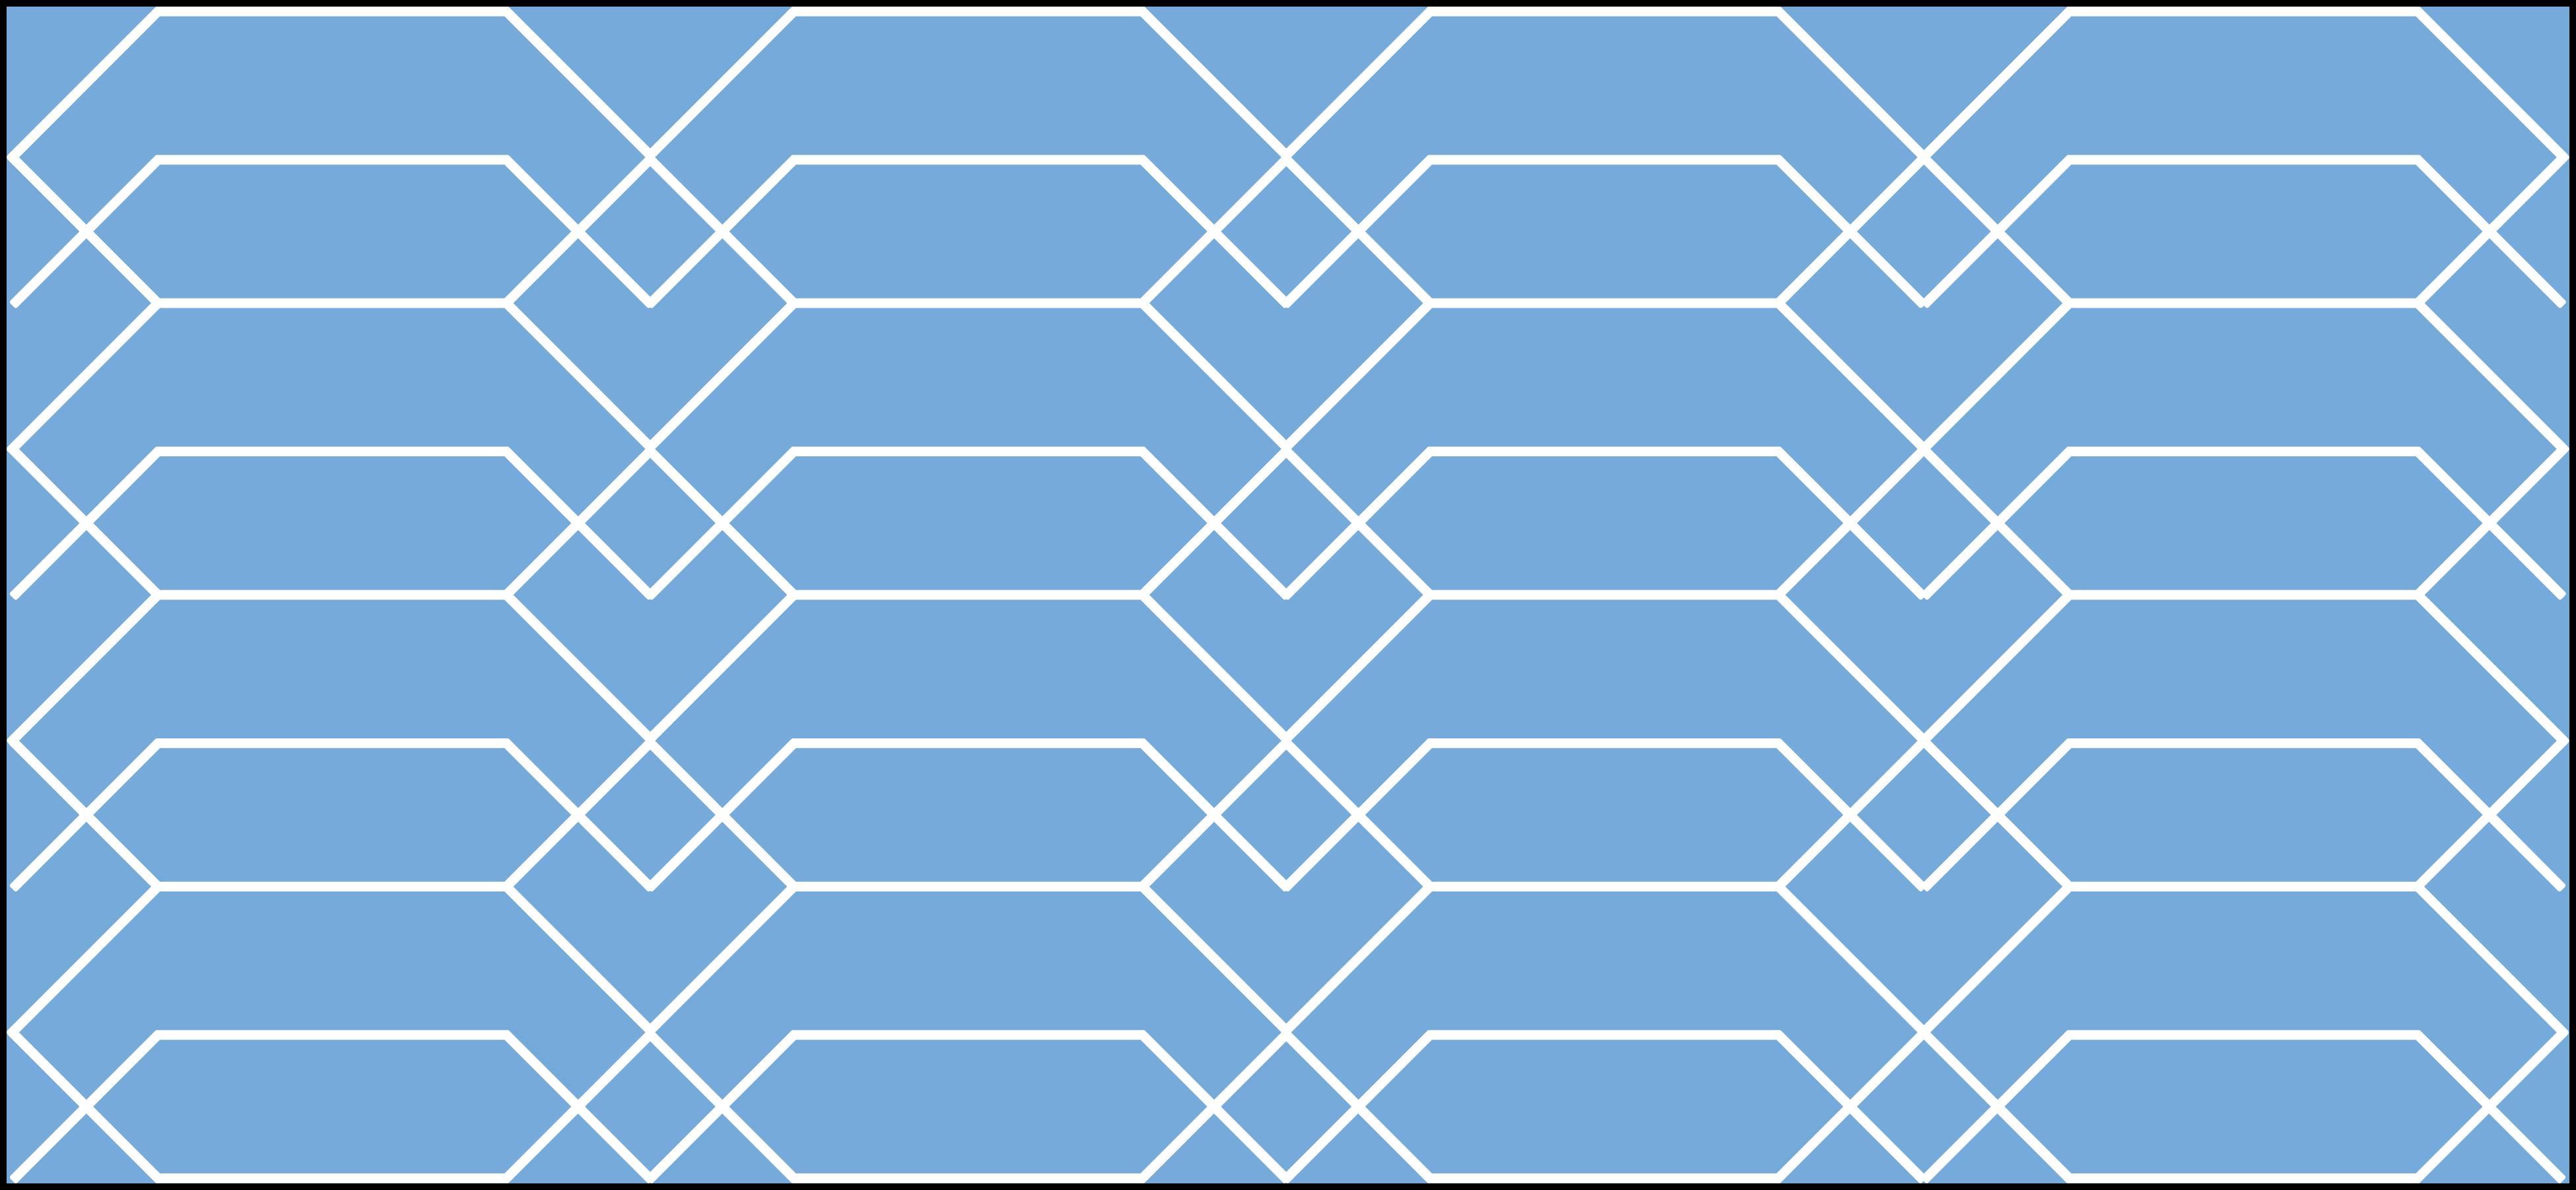 TenStickers. Tappeto in vinile con forme geometriche Figure esagonali. Un tappeto geometrico in vinile sarà l'aggiunta perfetta alla tua cucina! Sono antiscivolo, su ordinazione e di facile manutenzione!